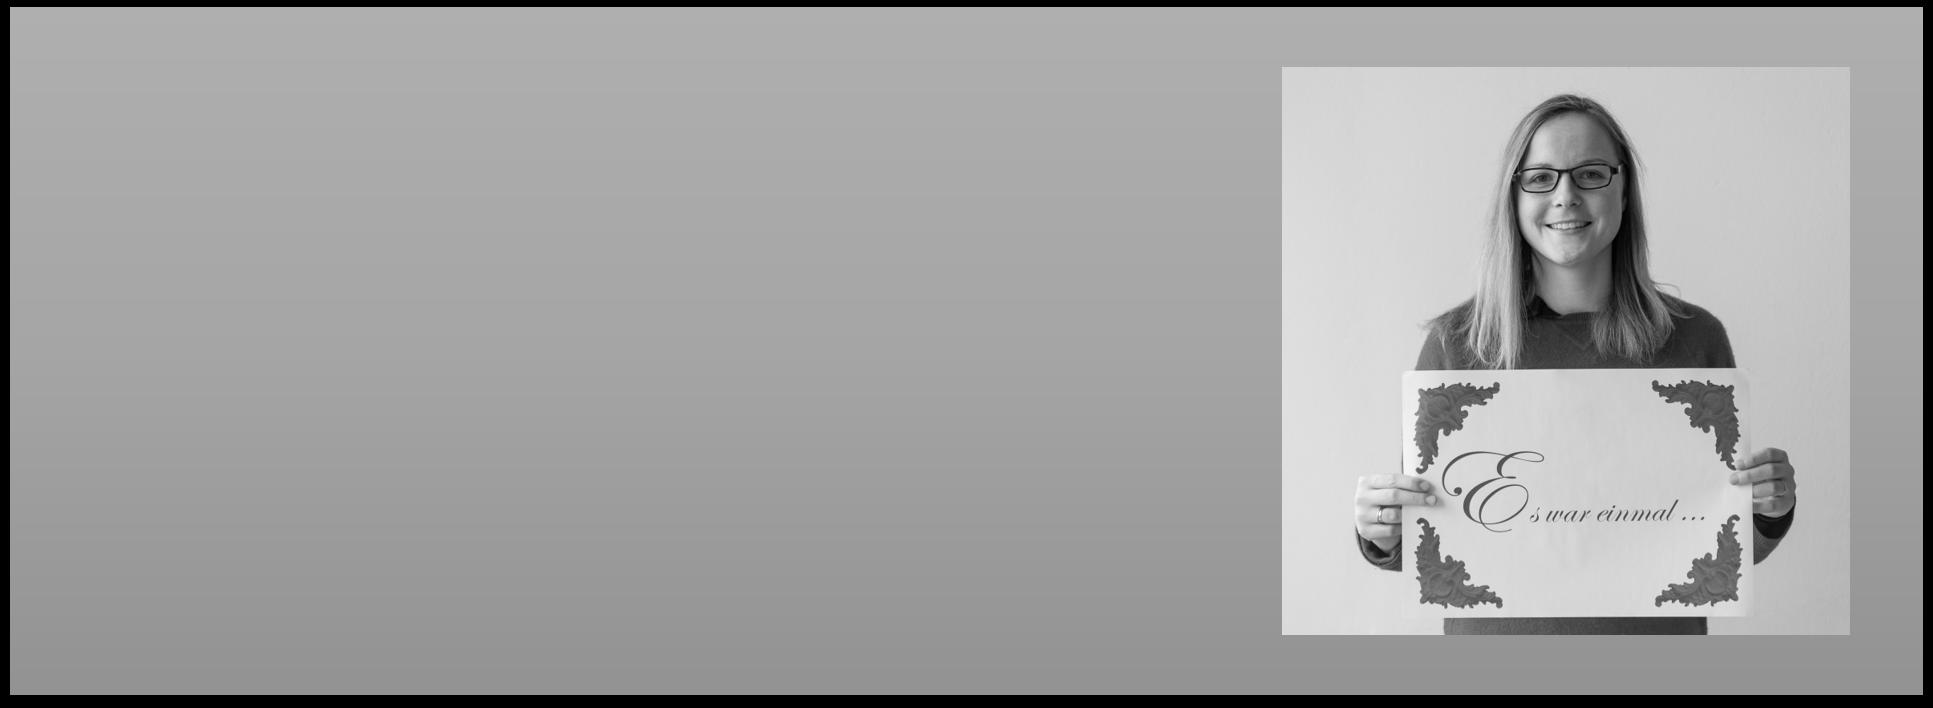 Christie banner